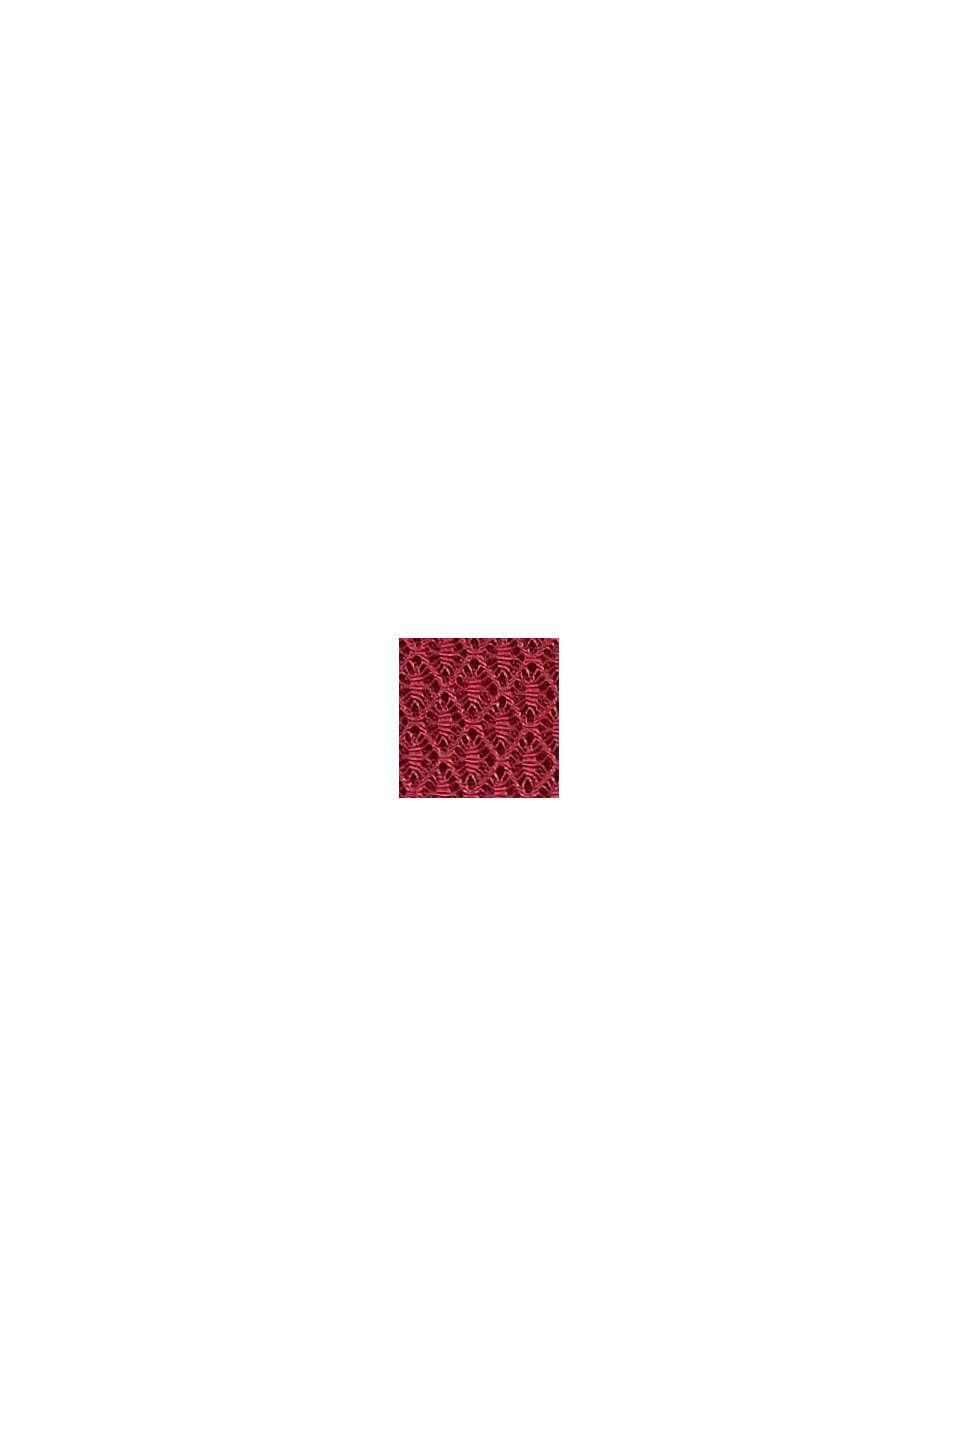 In materiale riciclato: culotte corte morbide al tatto, DARK RED, swatch